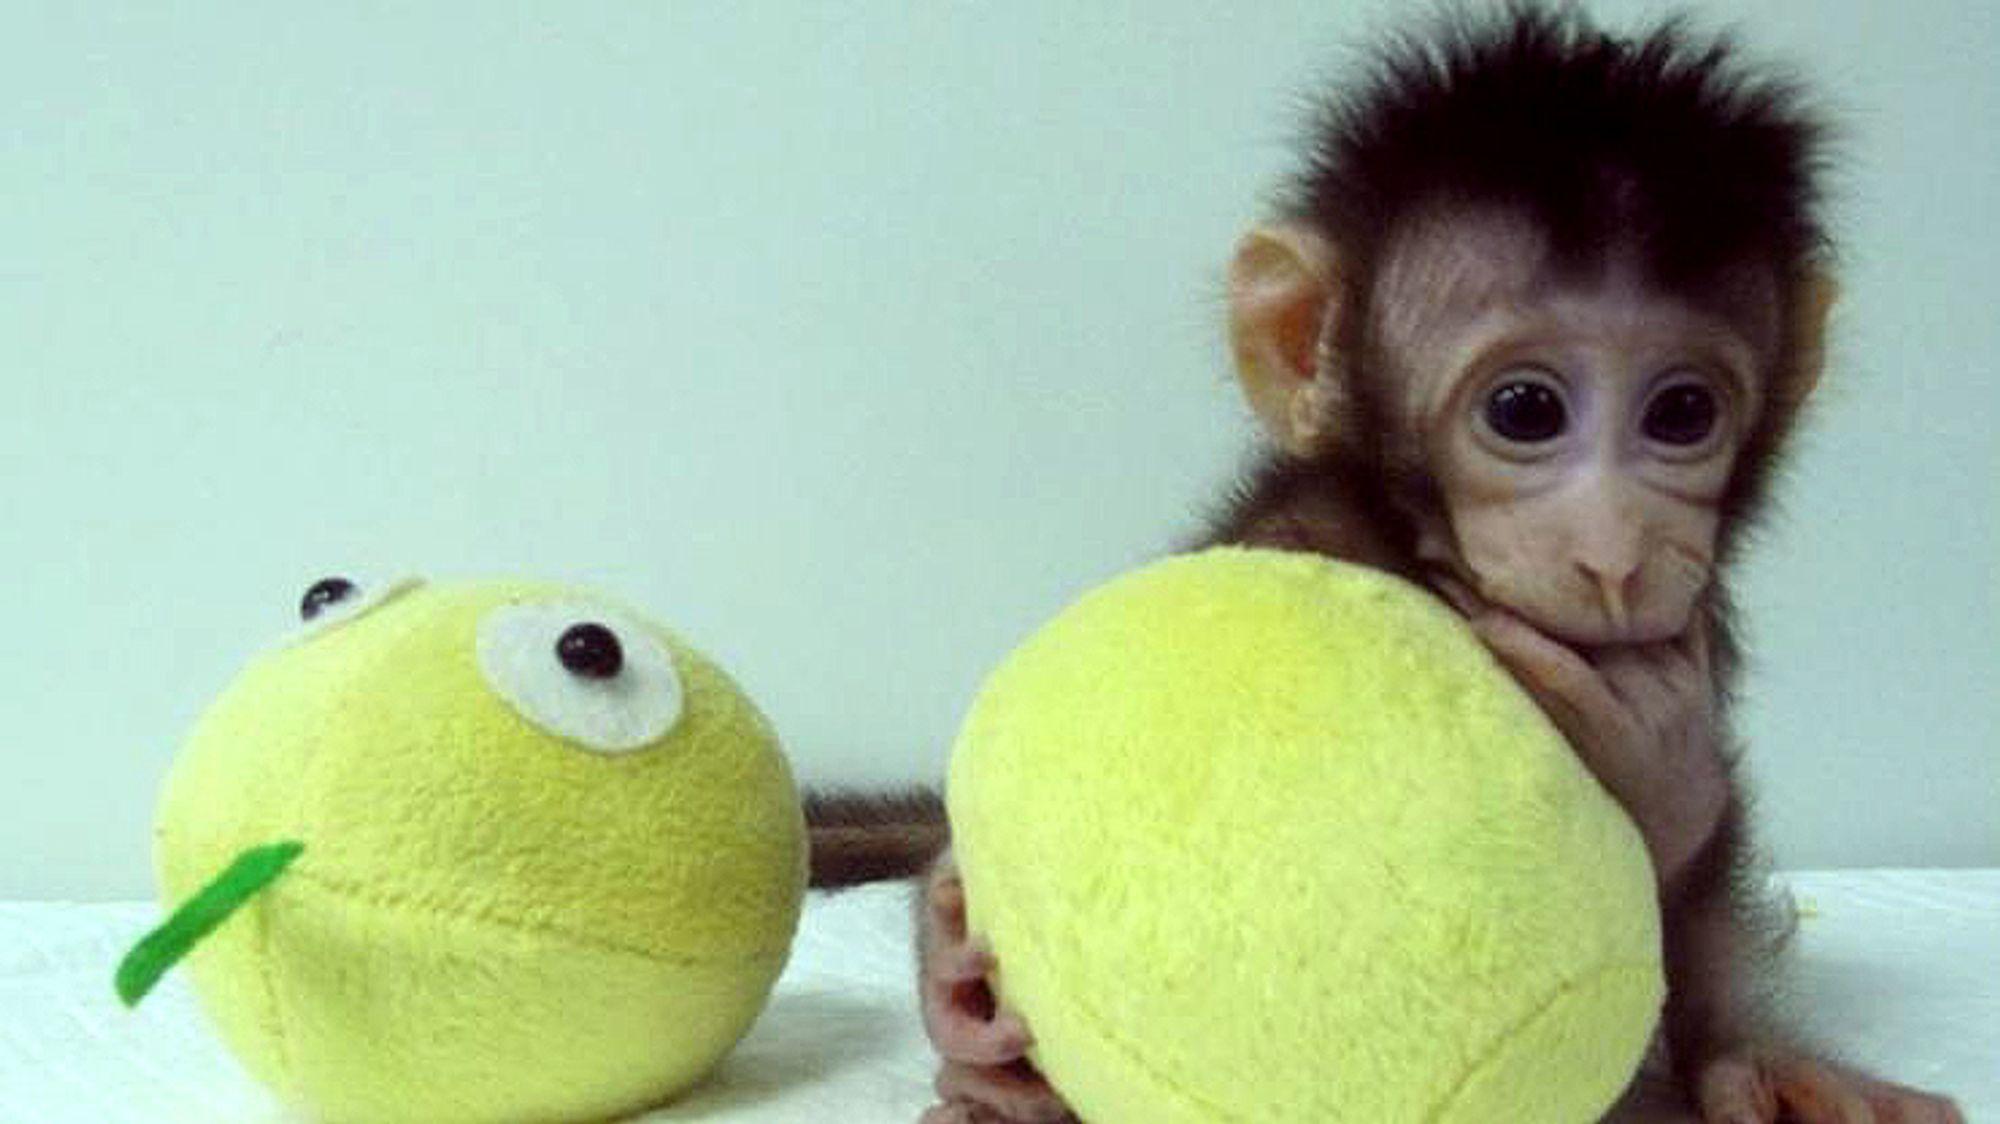 Kina investerer kraftig i biotek-forskning, og det har allerede gitt resultater med klonede aper.